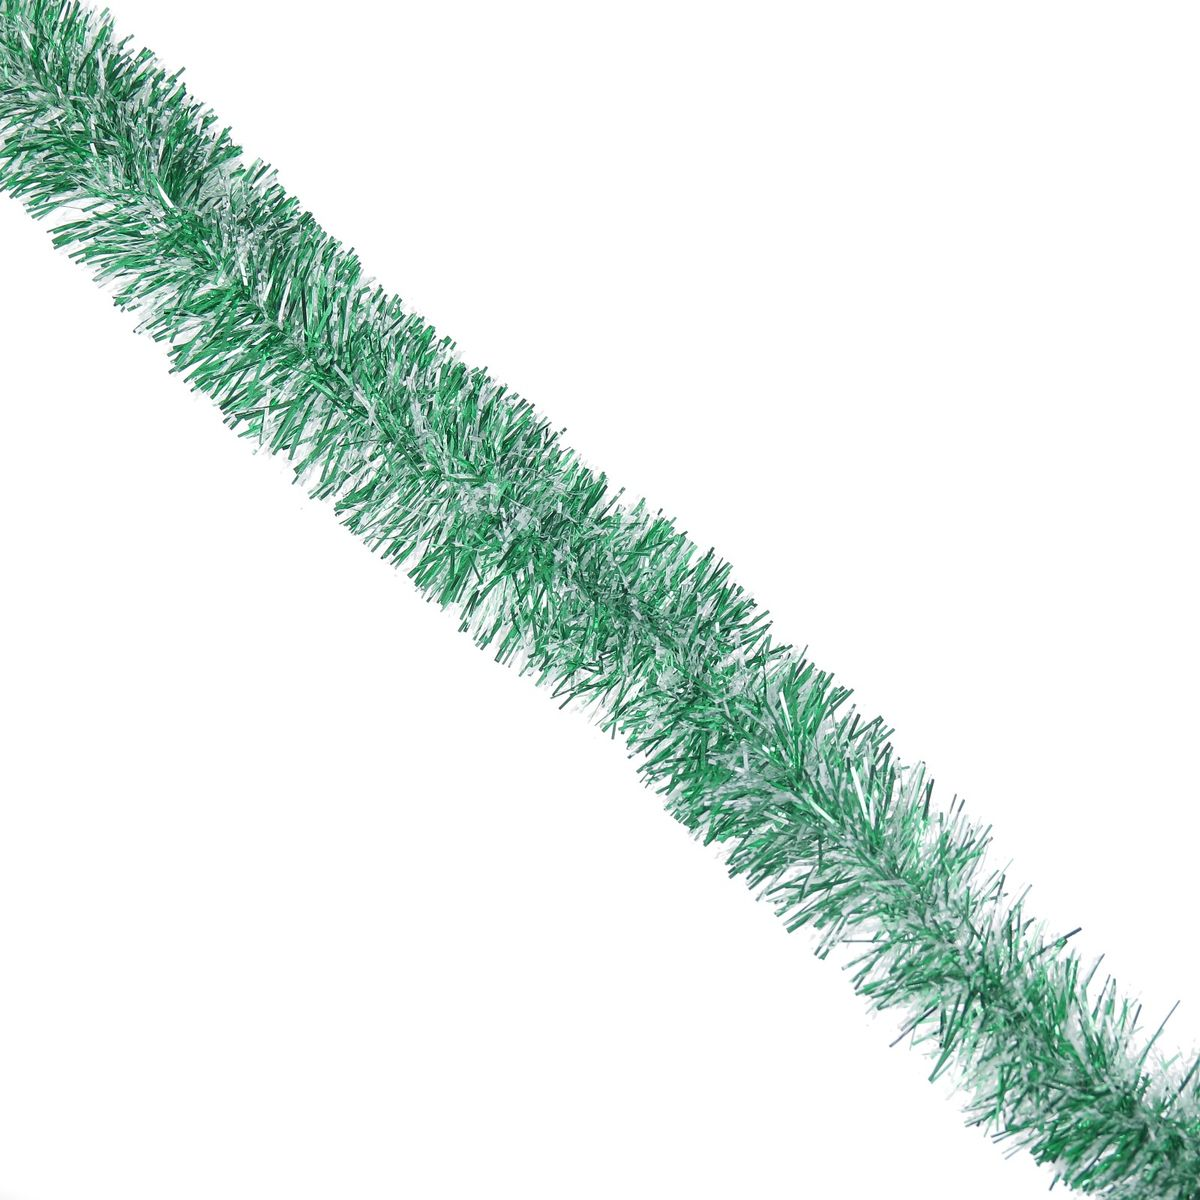 Мишура новогодняя Sima-land, цвет: белый, зеленый, диаметр 6,5 см, длина 140 см. 627195627195_белый, зеленыйНовогодняя мишура Sima-land, выполненная из ПВХ, поможет вам украсить свой дом к предстоящим праздникам. Новогодняя елка с таким украшением станет еще наряднее. Новогодней мишурой можно украсить все, что угодно - елку, квартиру, дачу, офис - как внутри, так и снаружи. Можно сложить новогодние поздравления, буквы и цифры, мишурой можно украсить и дополнить гирлянды, можно выделить дверные колонны, оплести дверные проемы.